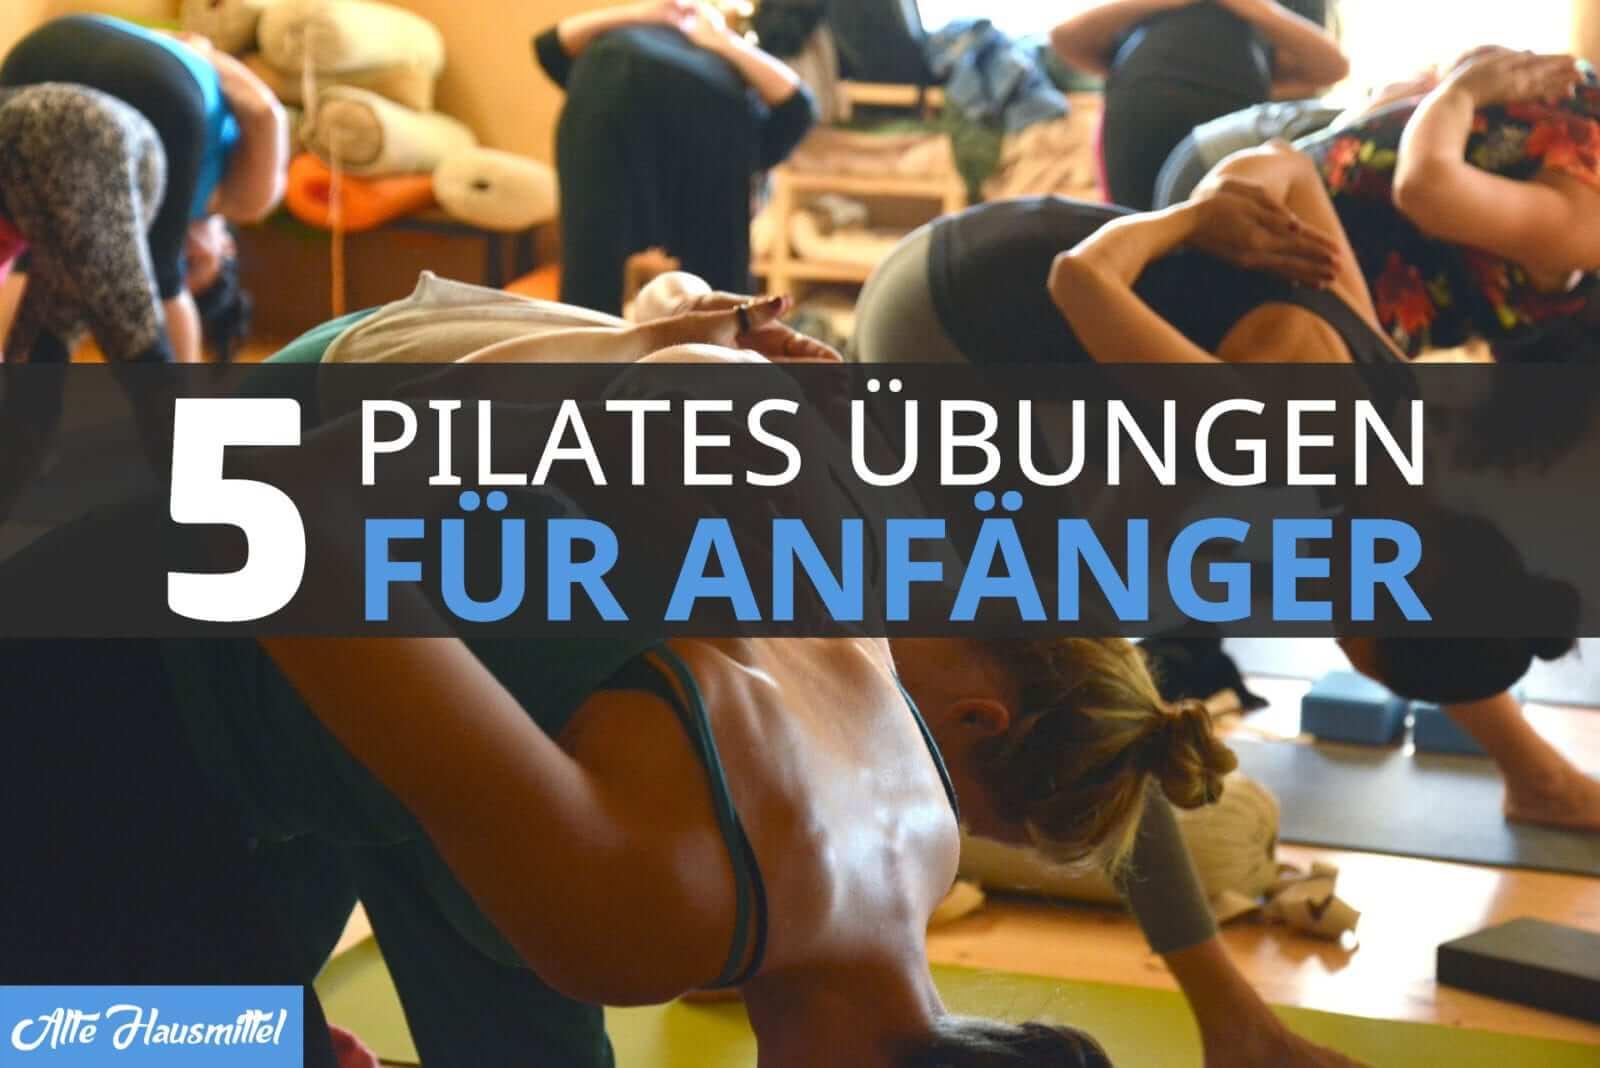 5 Pilates Übungen für Anfänger (mit Videoanleitung) ✓